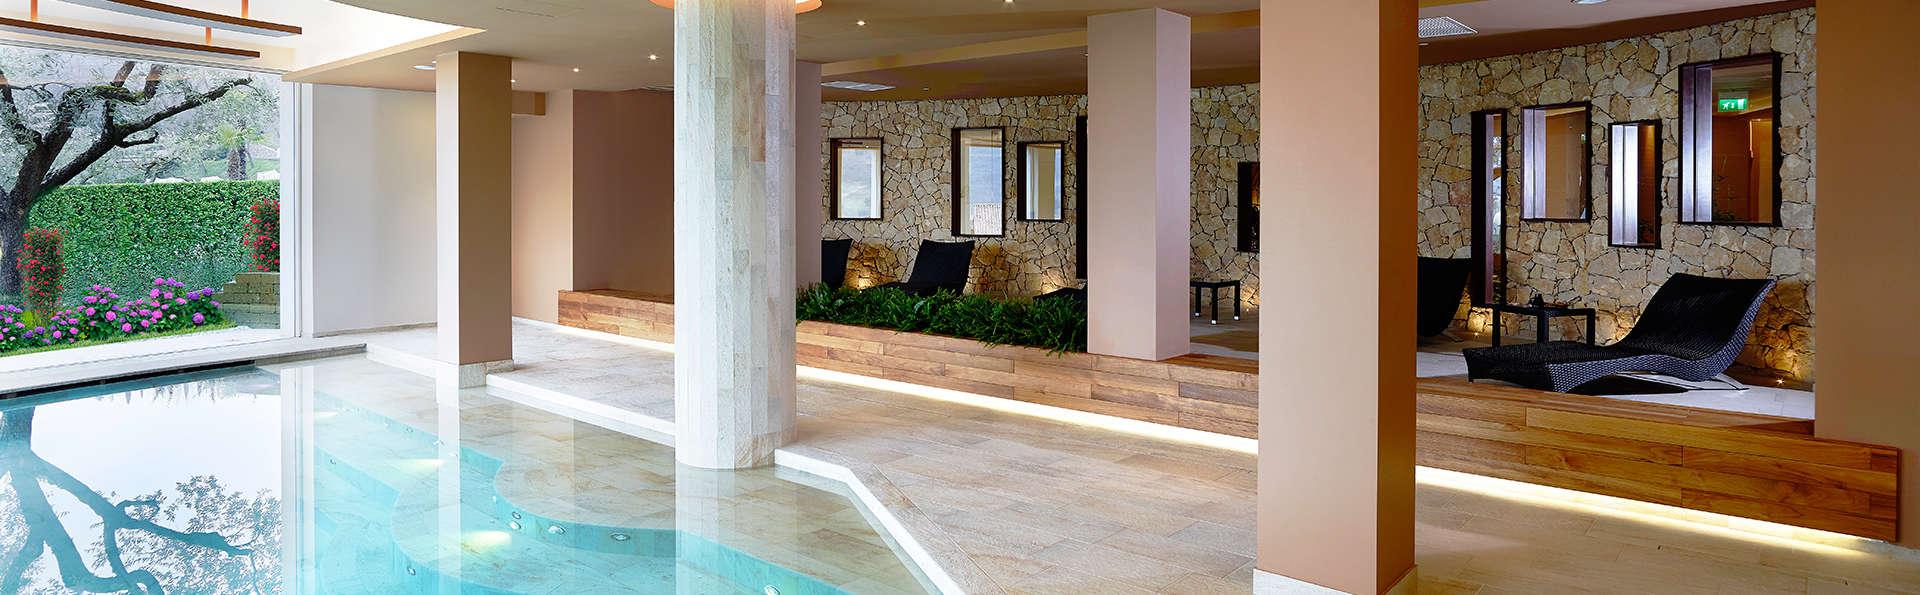 Poiano Resort - EDIT_spa1.jpg